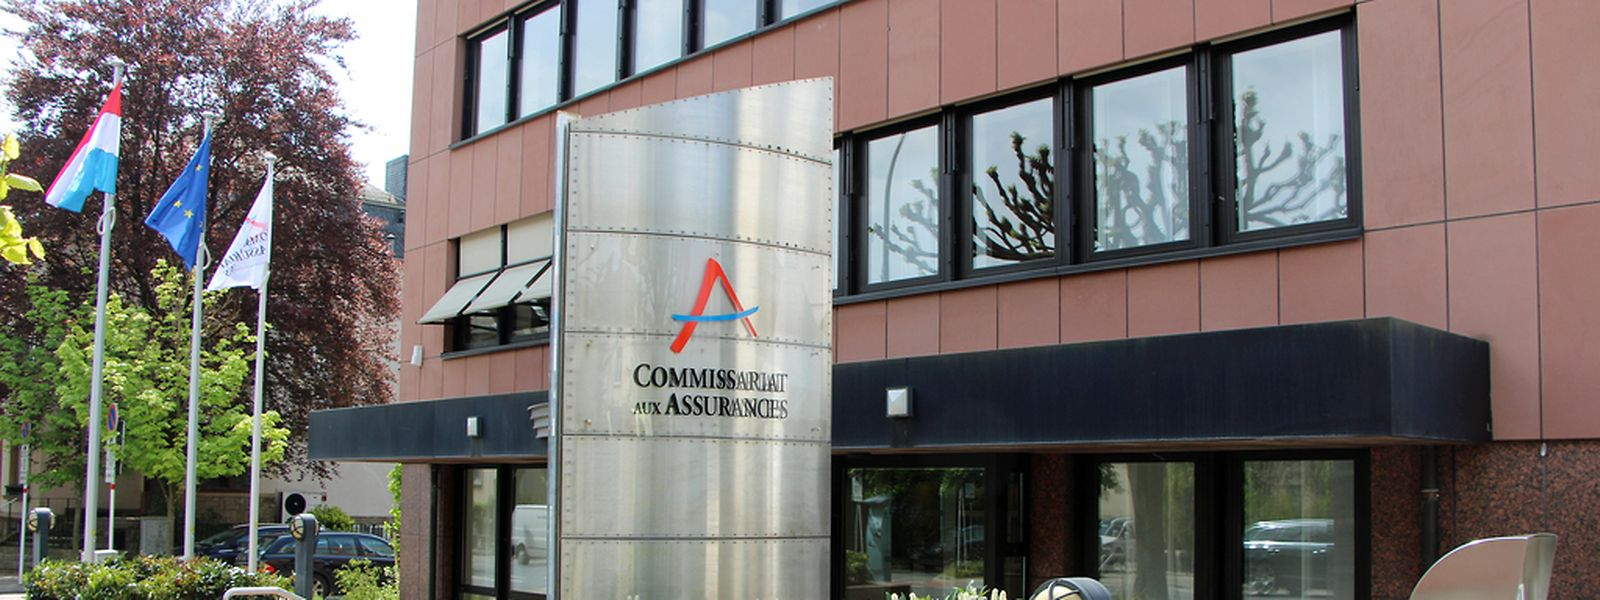 """Das """"Commissariat aux Assurances"""" erfreut sich über einen kräftigen Zuwachs der Einnahmen im Versicherungssektor."""